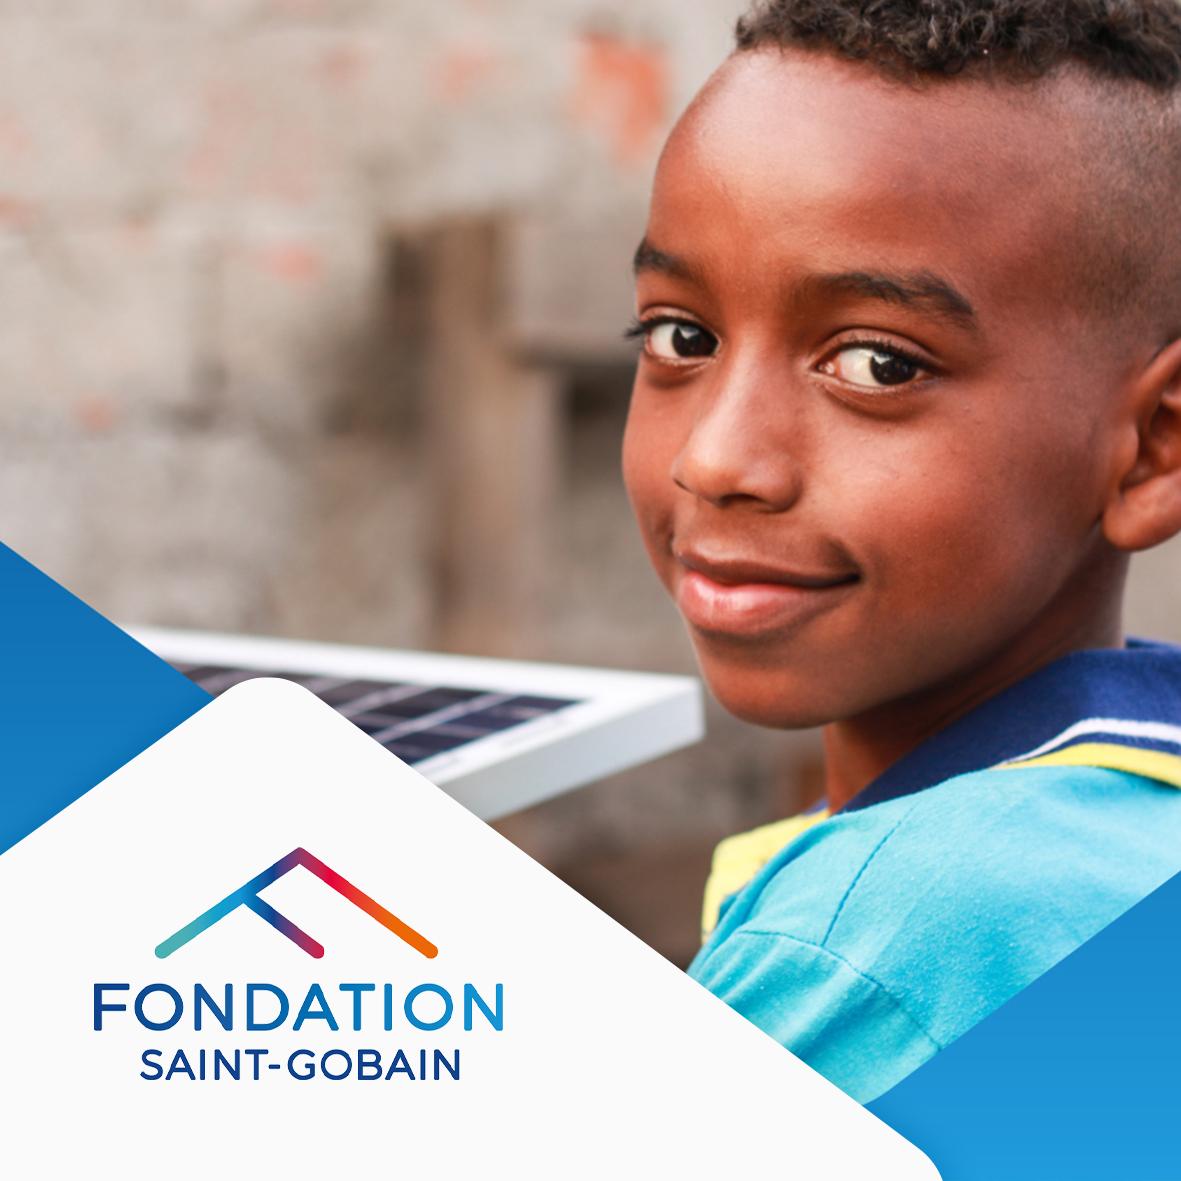 Fondation Saint-Gobain